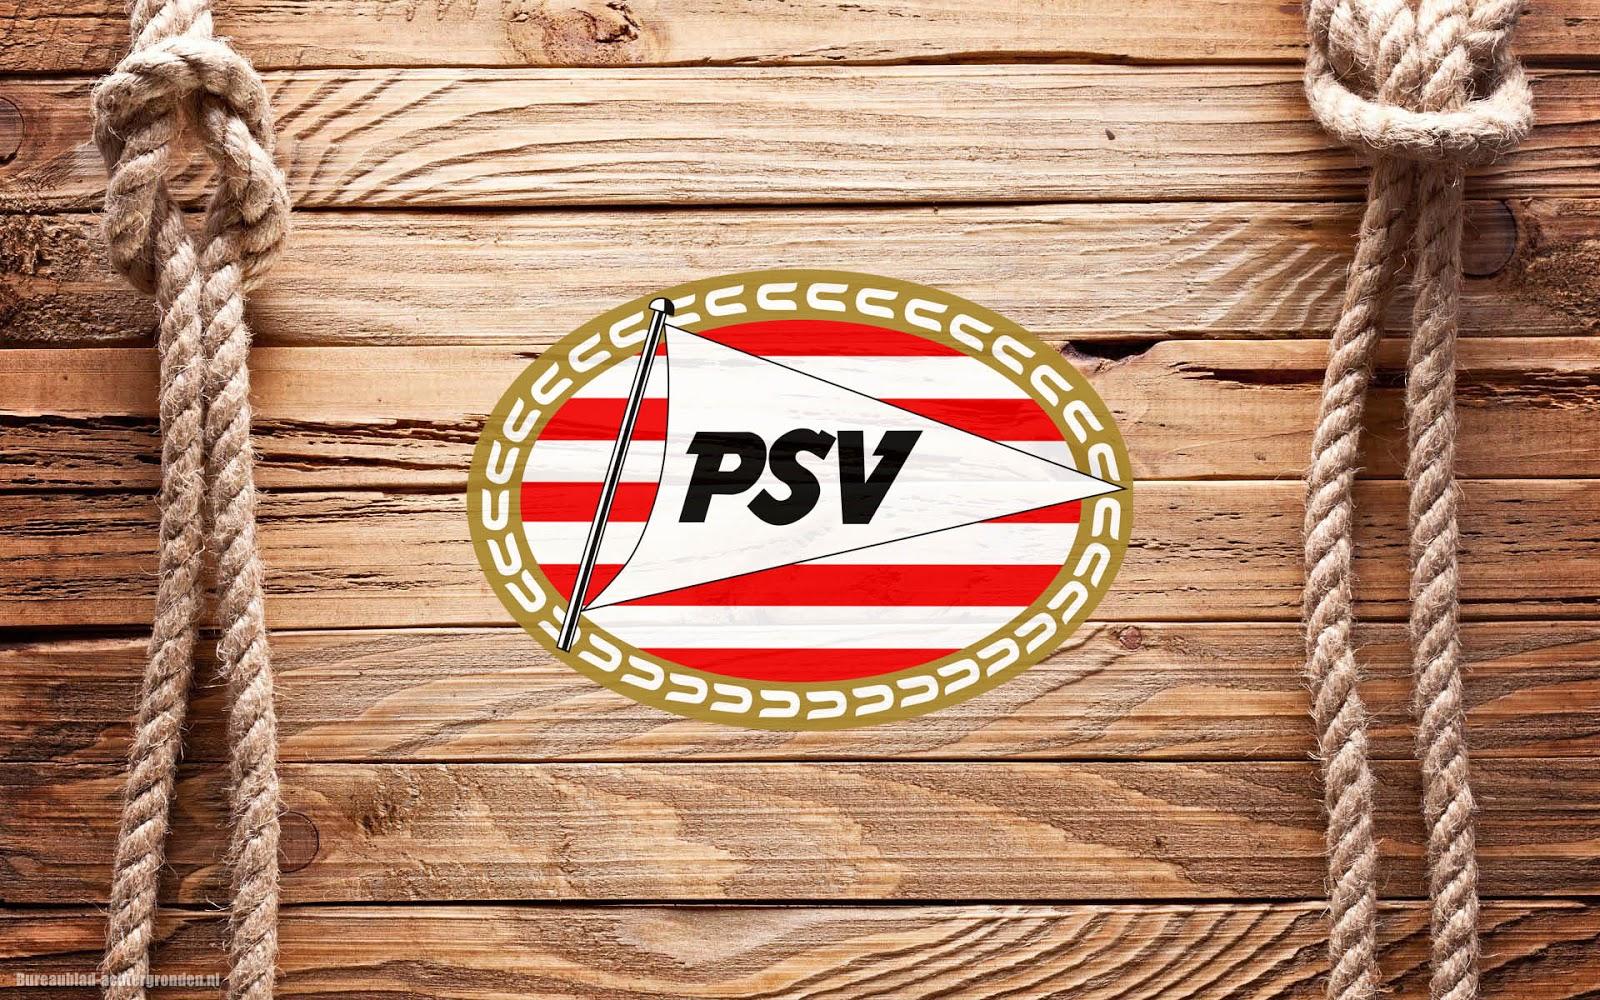 PSV wallpapers voor PC, laptop of tablet - Achtergronden